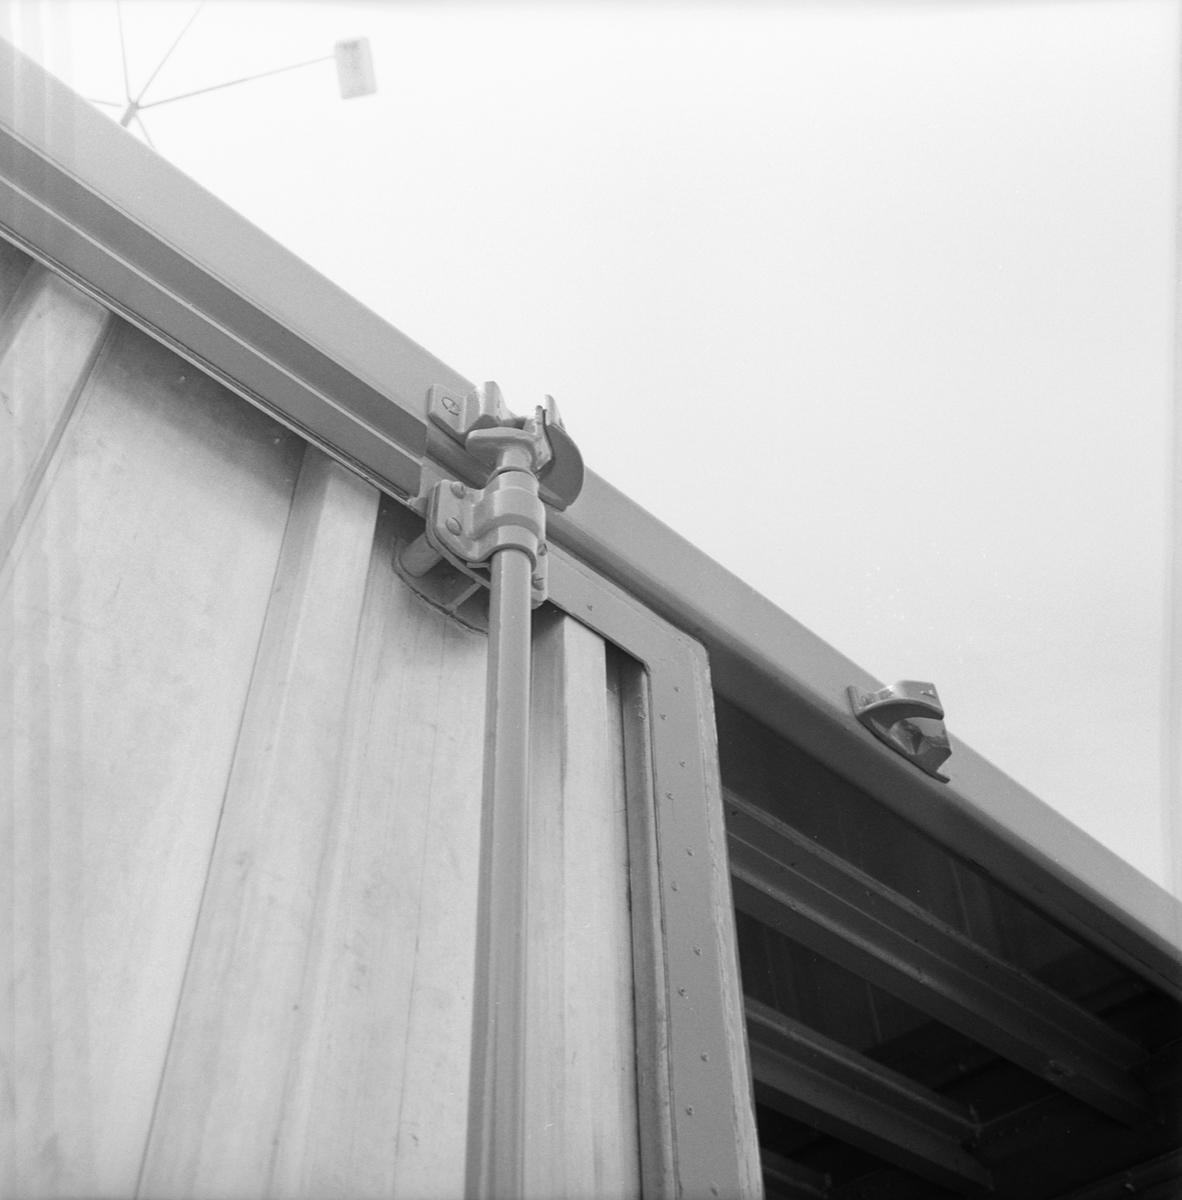 Övrigt: Fotodatum 3/6 1966 Byggnader och Kranar Contain.